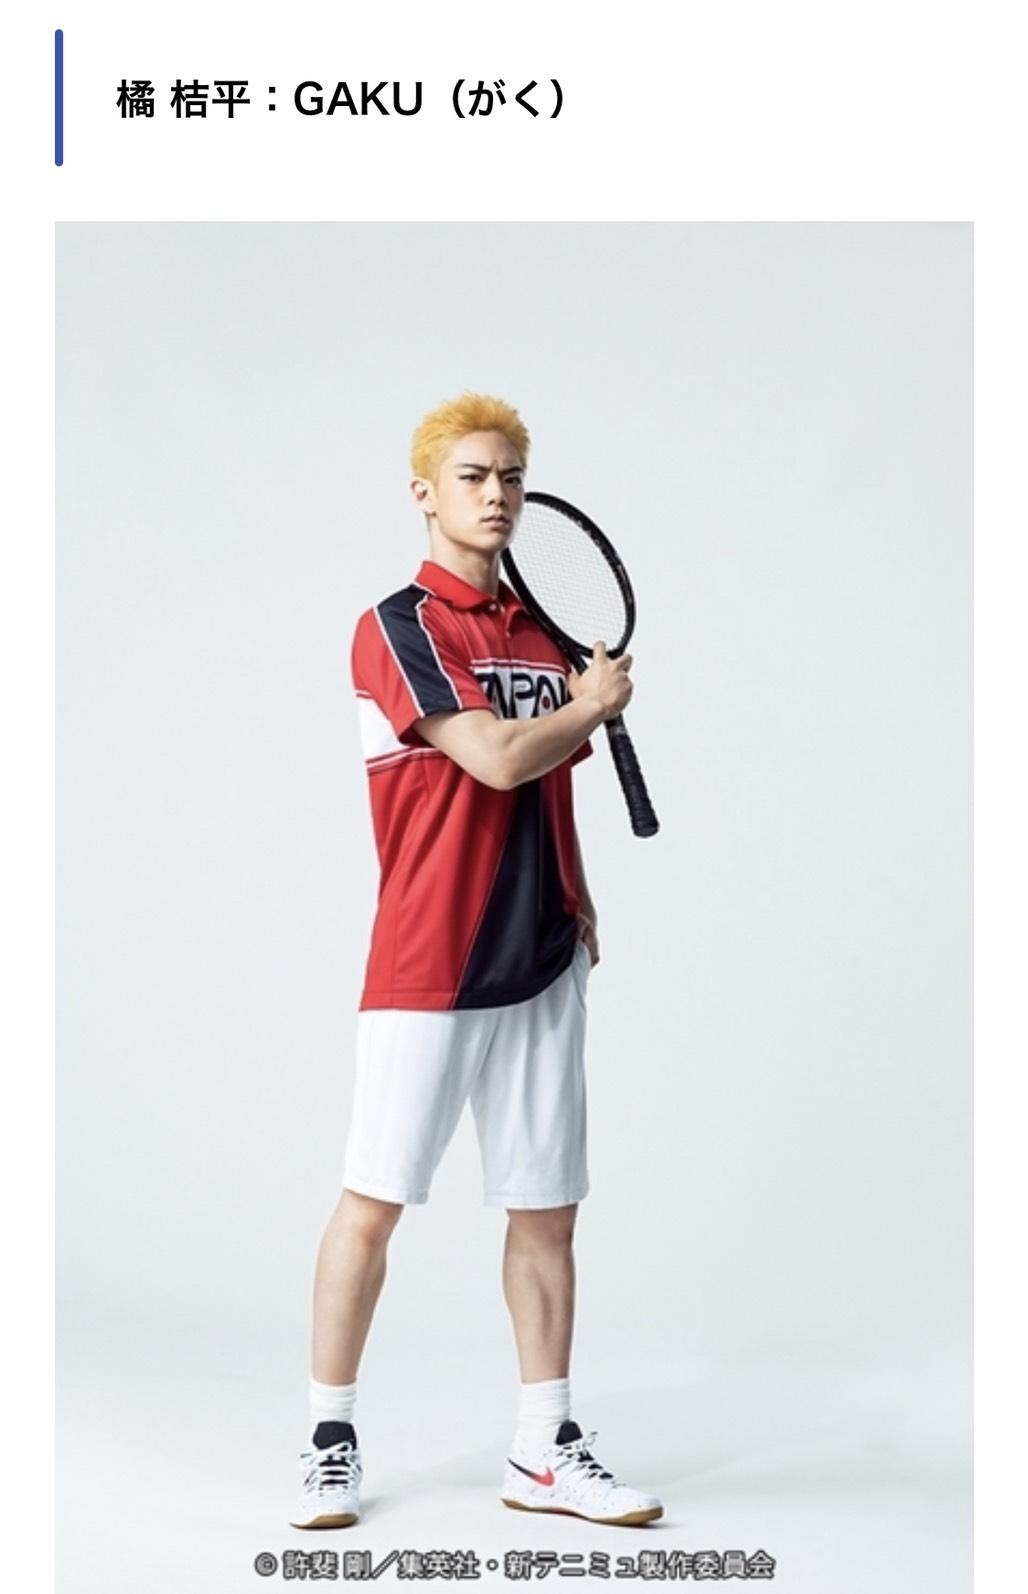 ミュージカル『新テニスの王子様』The First Stageより 橘桔平役にGAKUが出演‼️